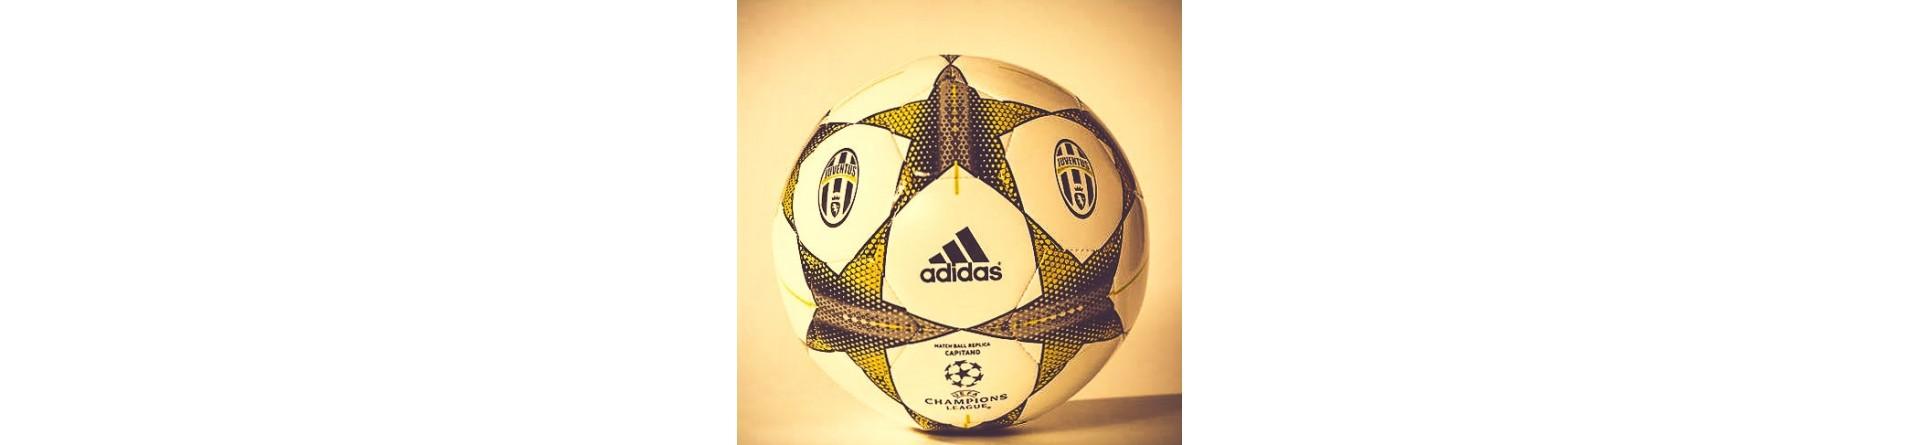 Palloni Calcio | Giuglar Shop